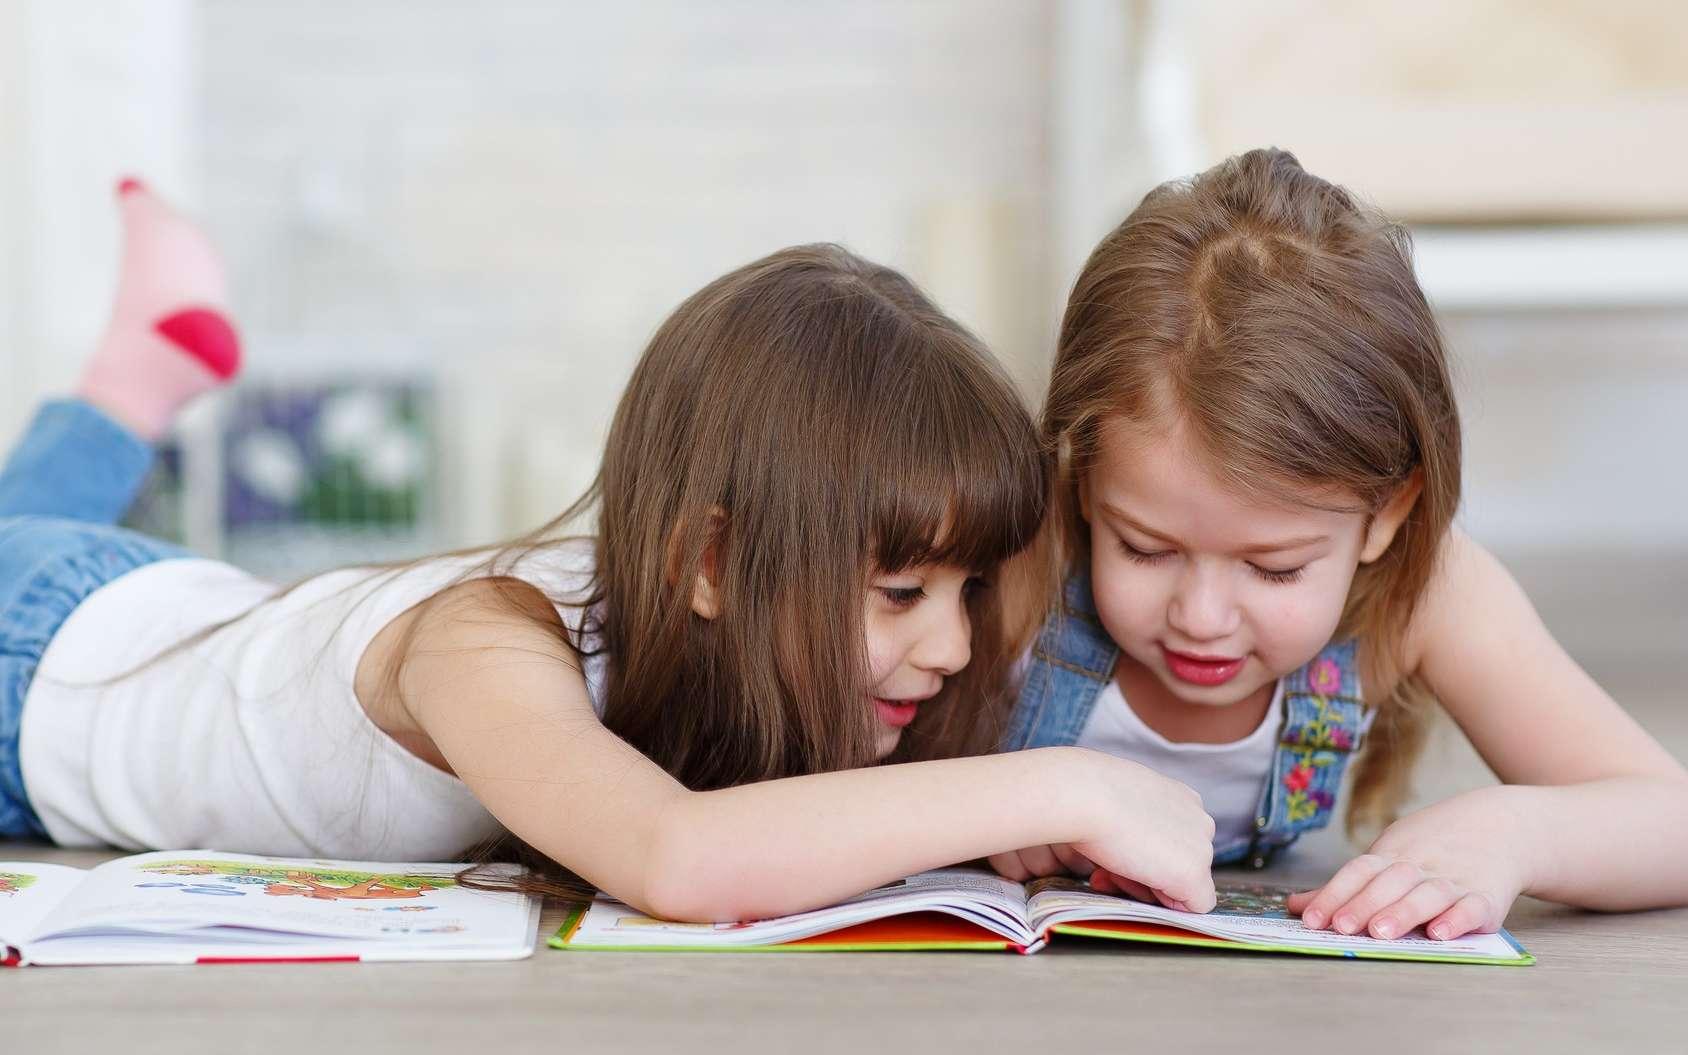 L'apprentissage de la lecture utilise la plasticité cérébrale. © nskfoto, Fotolia